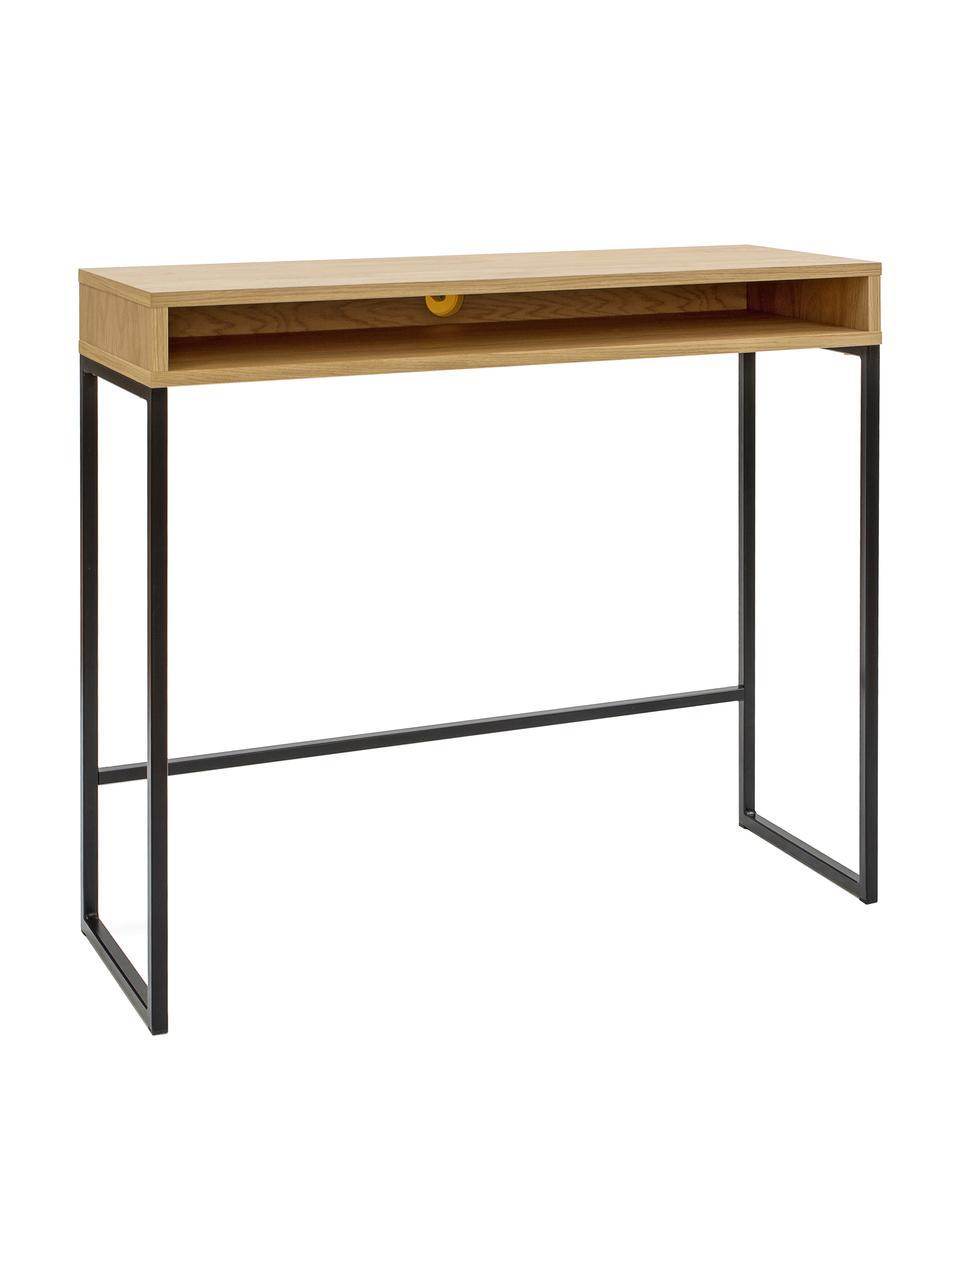 Úzký psací stůl Frame, Dub